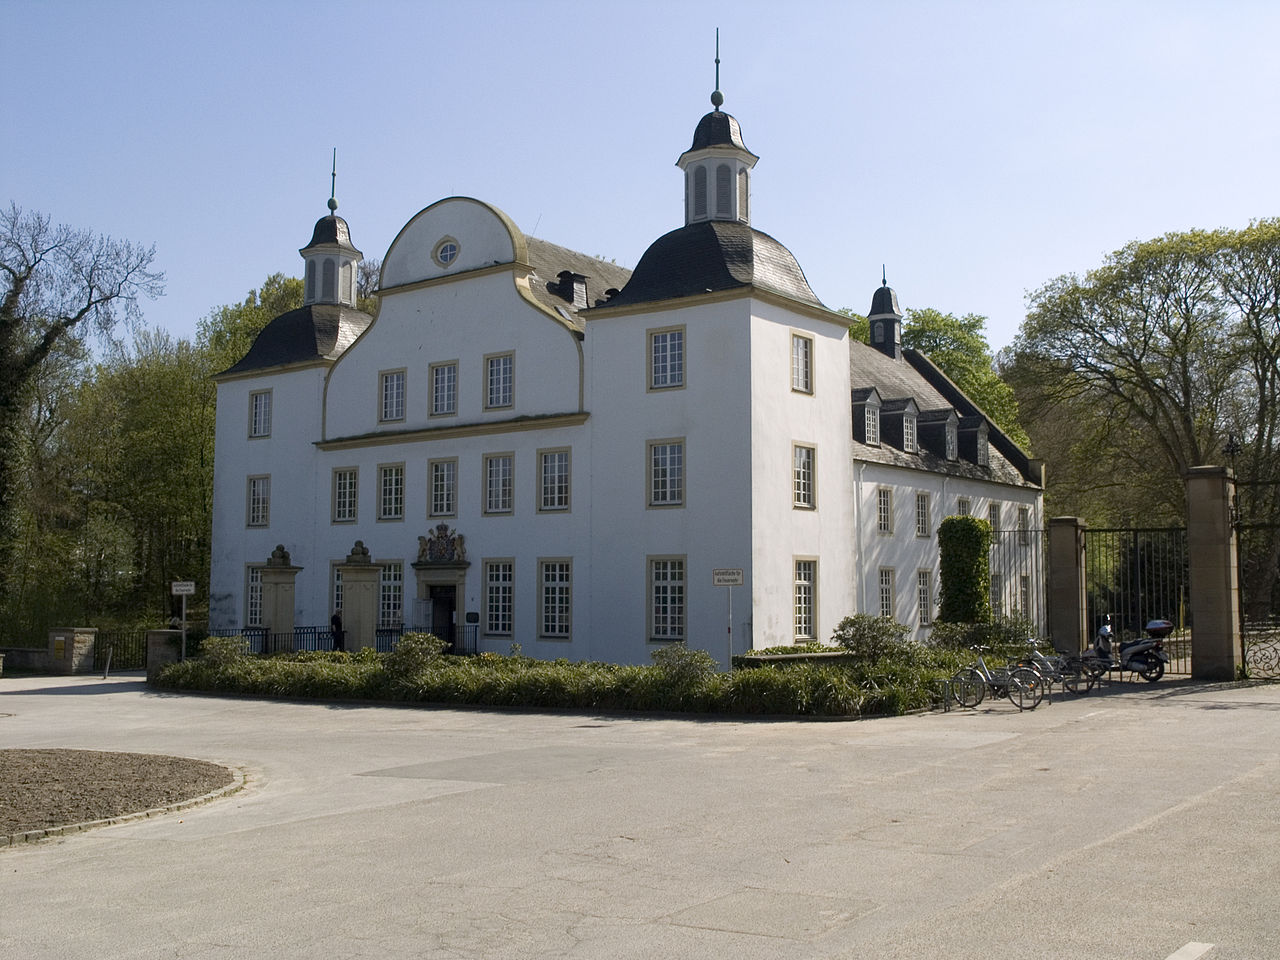 Schloss Borbeck Standesamt Schloss Borbeck In Essen